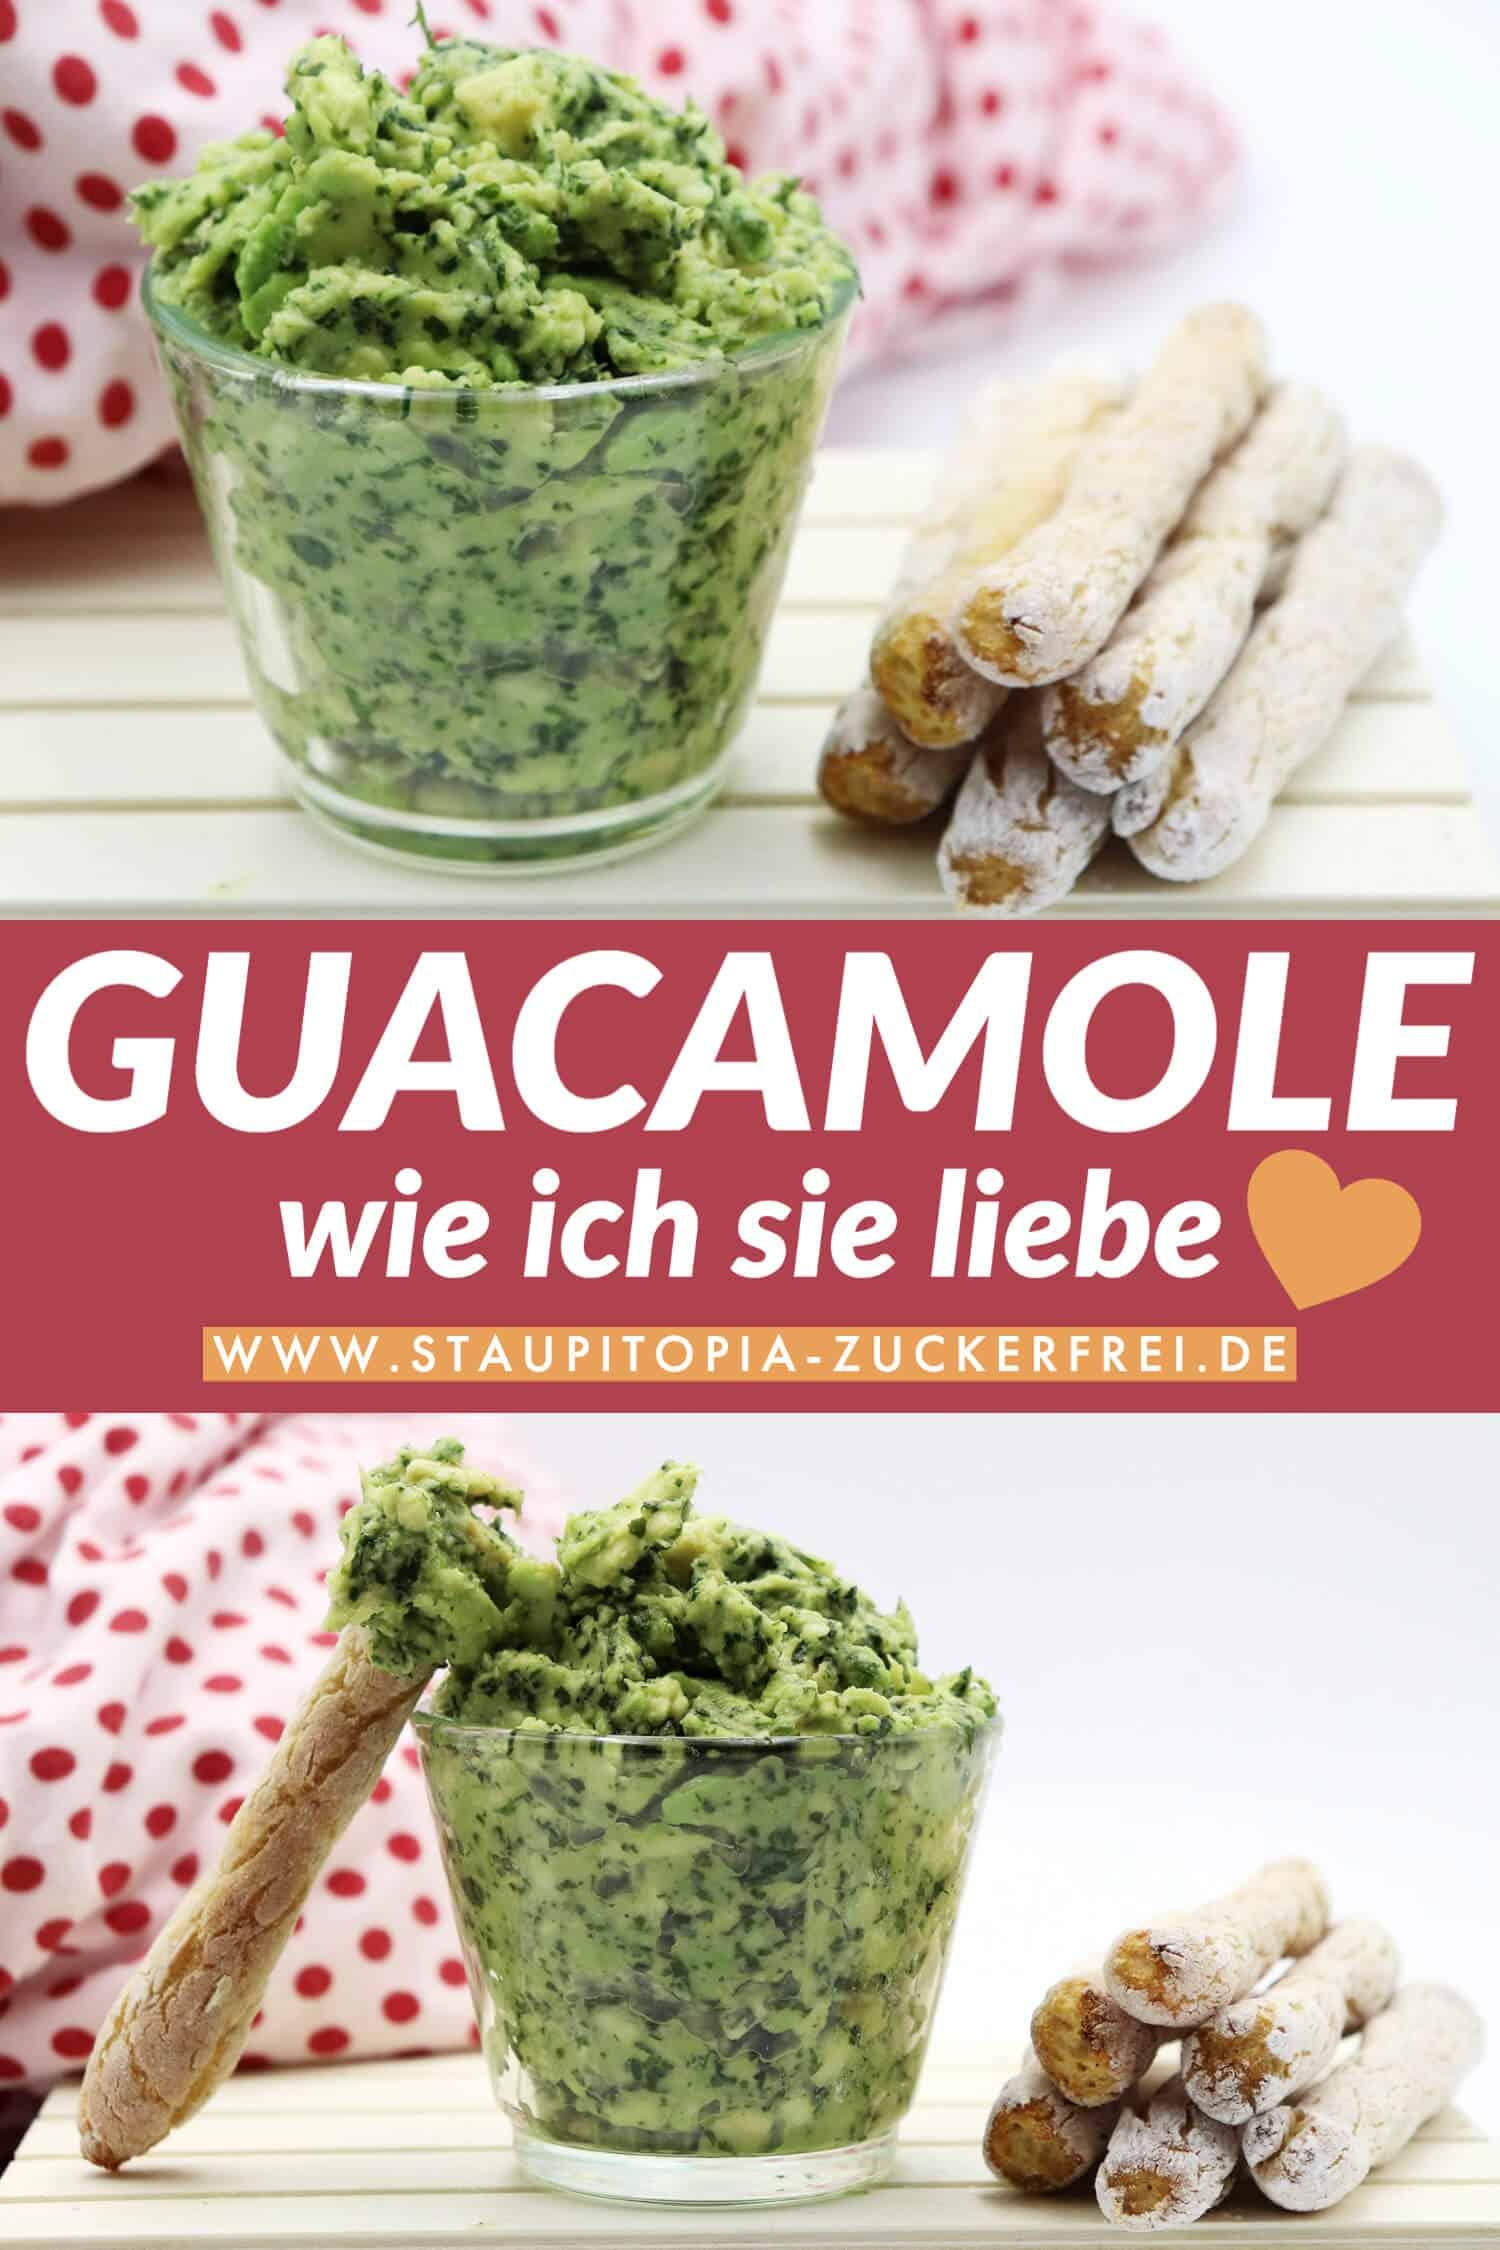 Die beste Guacamole schnell und einfach selber machen.